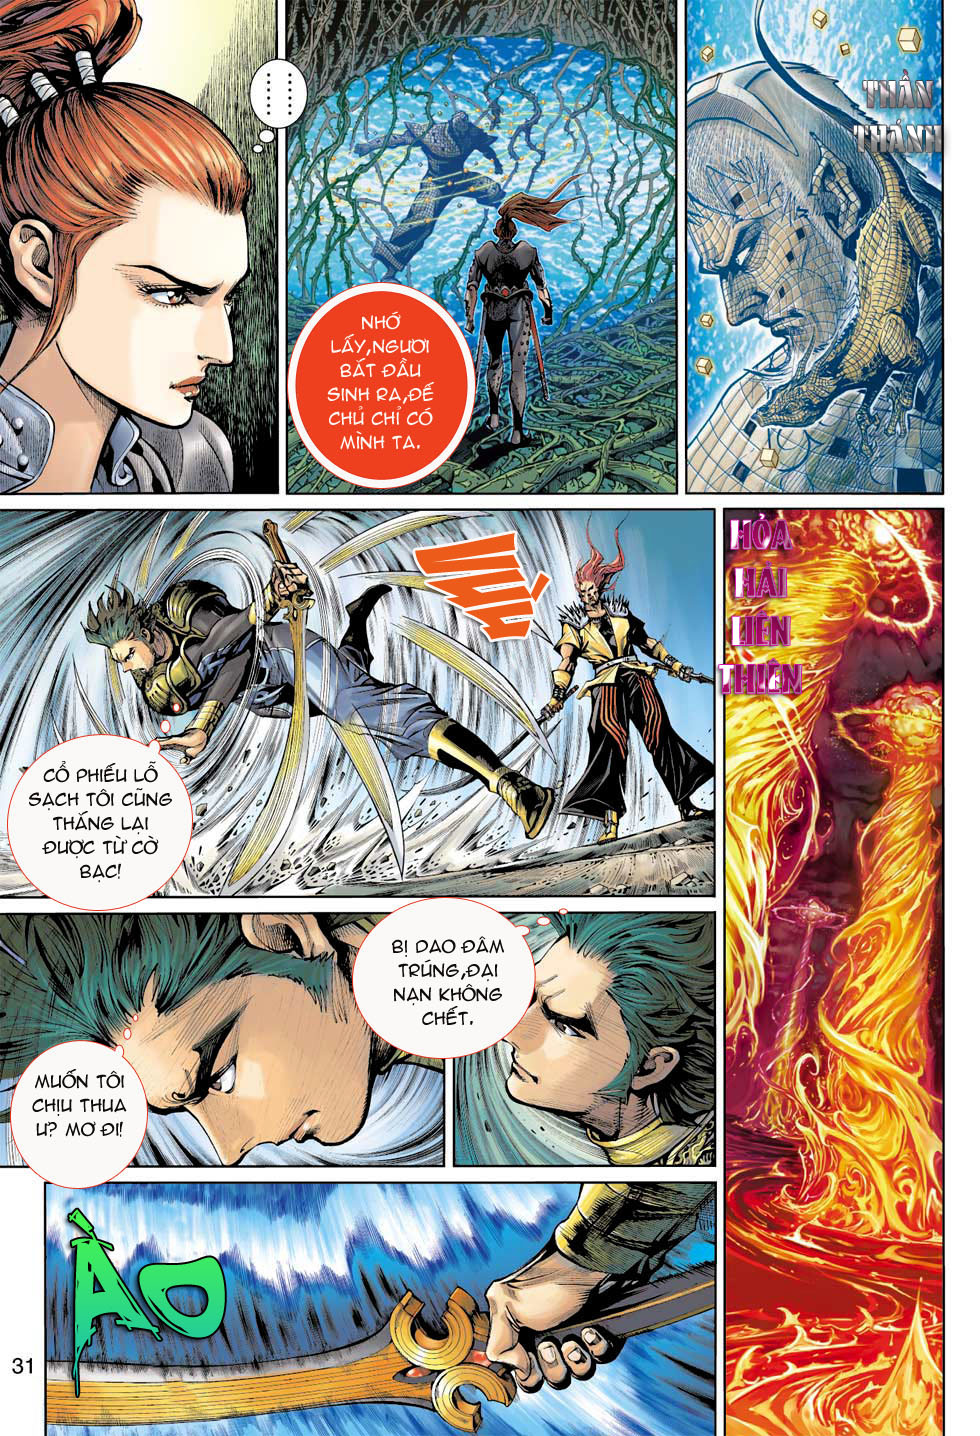 Thần Binh 4 chap 8 - Trang 31